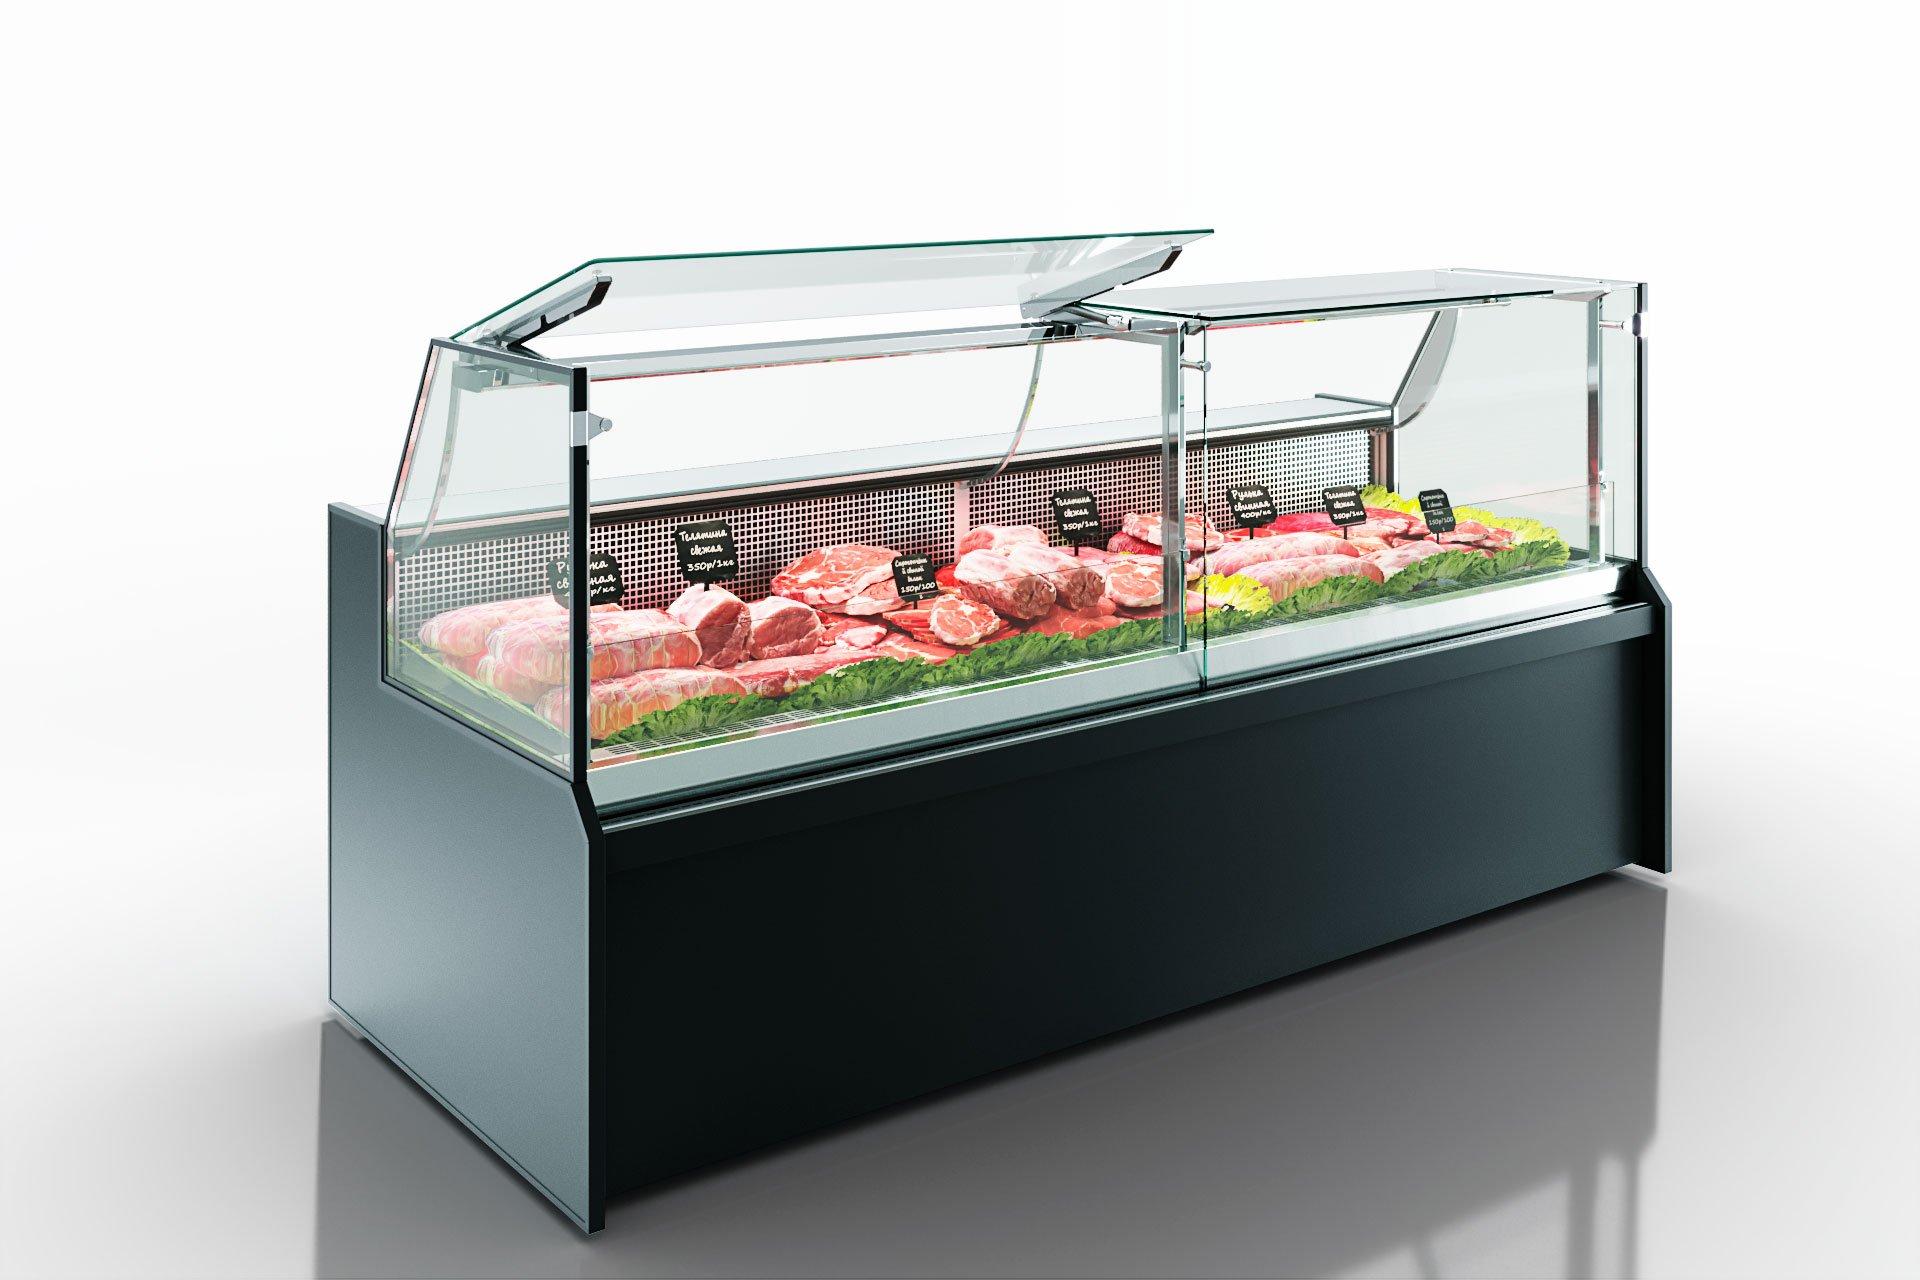 Холодильна вітрина Missouri MC 100 deli PP 130-S/DBM/A